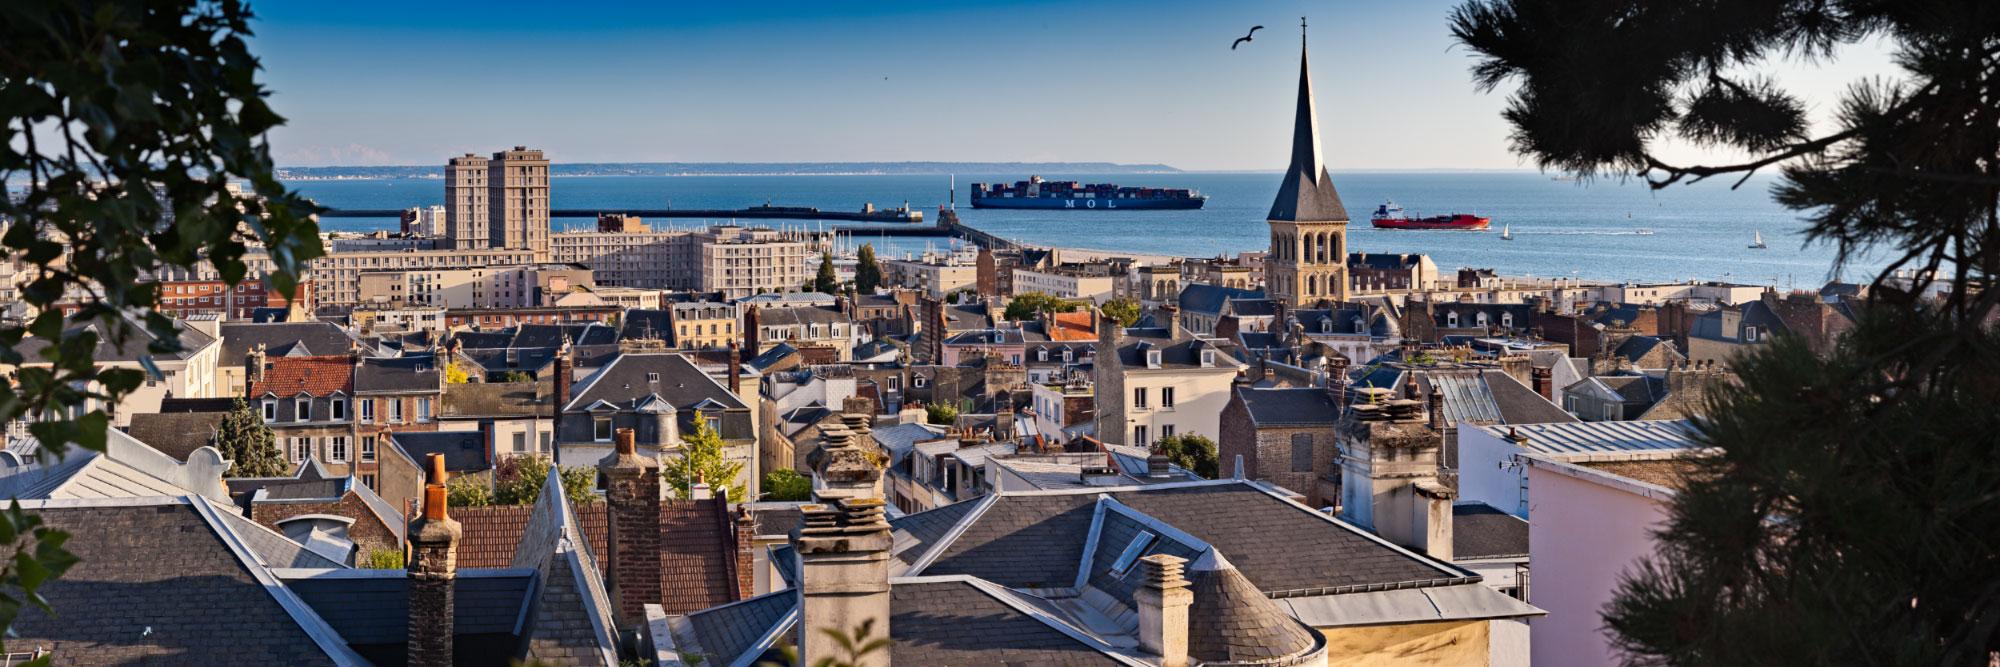 Rue Félix Faure, Le Havre